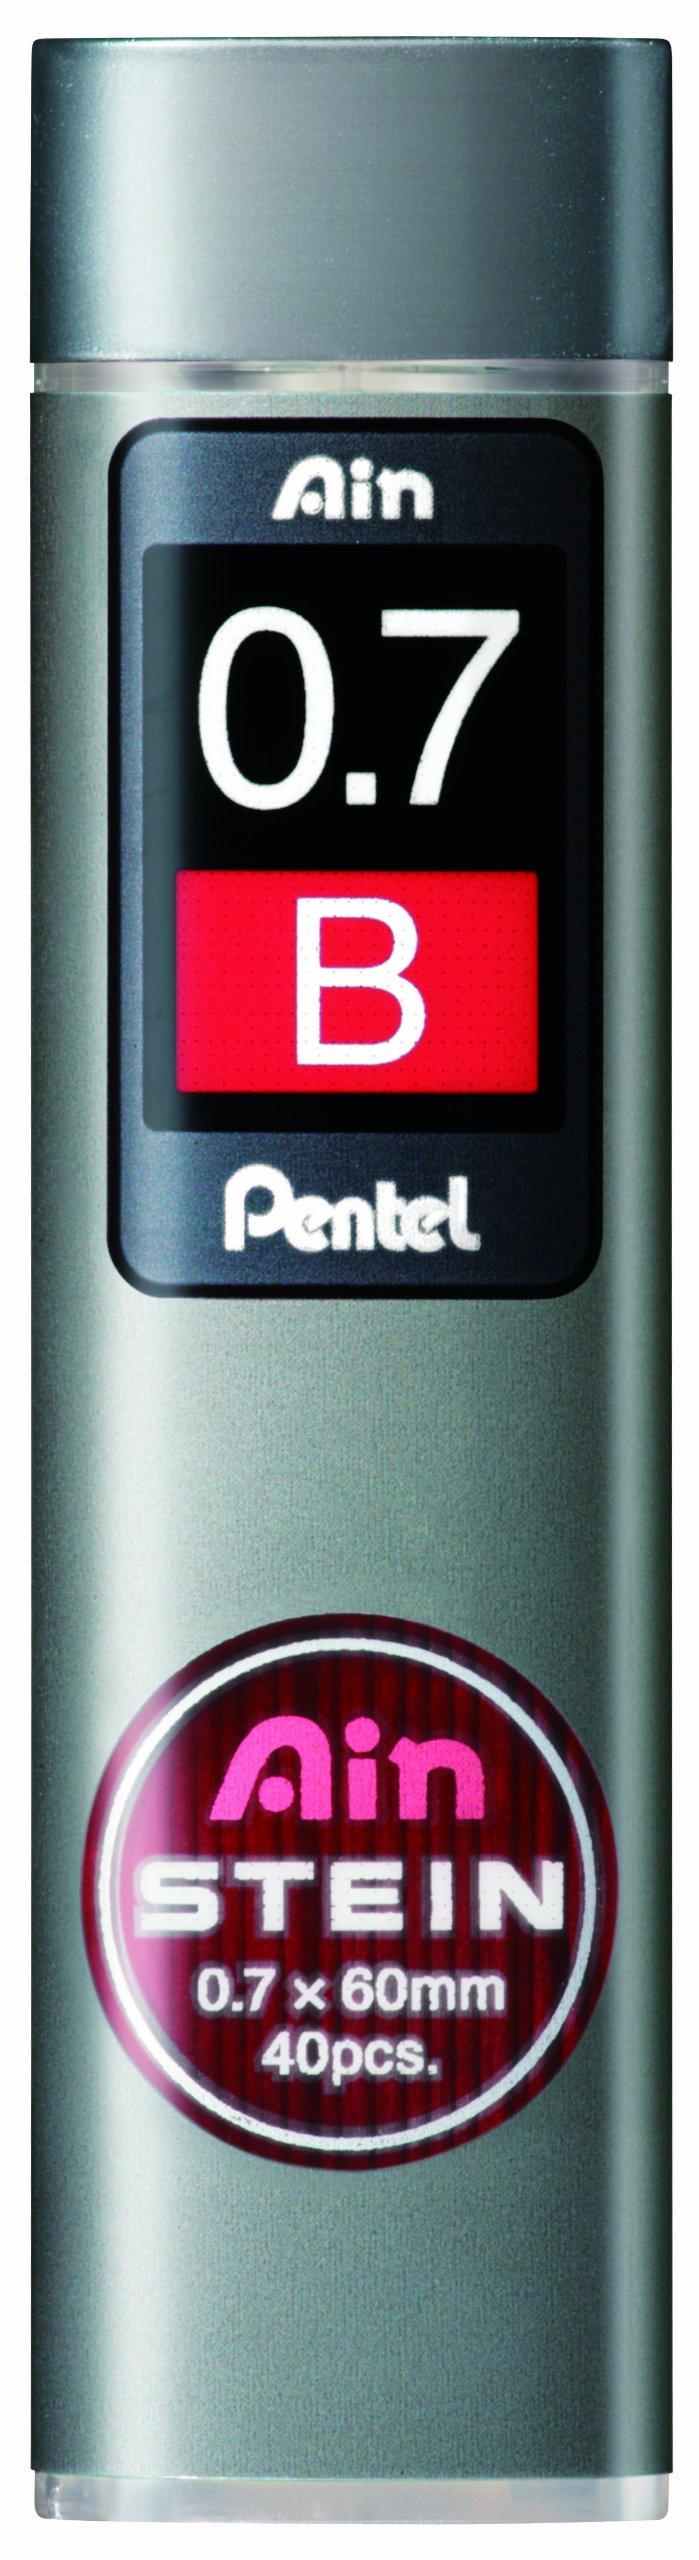 Pentel Ain Stein 40 Minas (1 Tubo) 0.7mm B